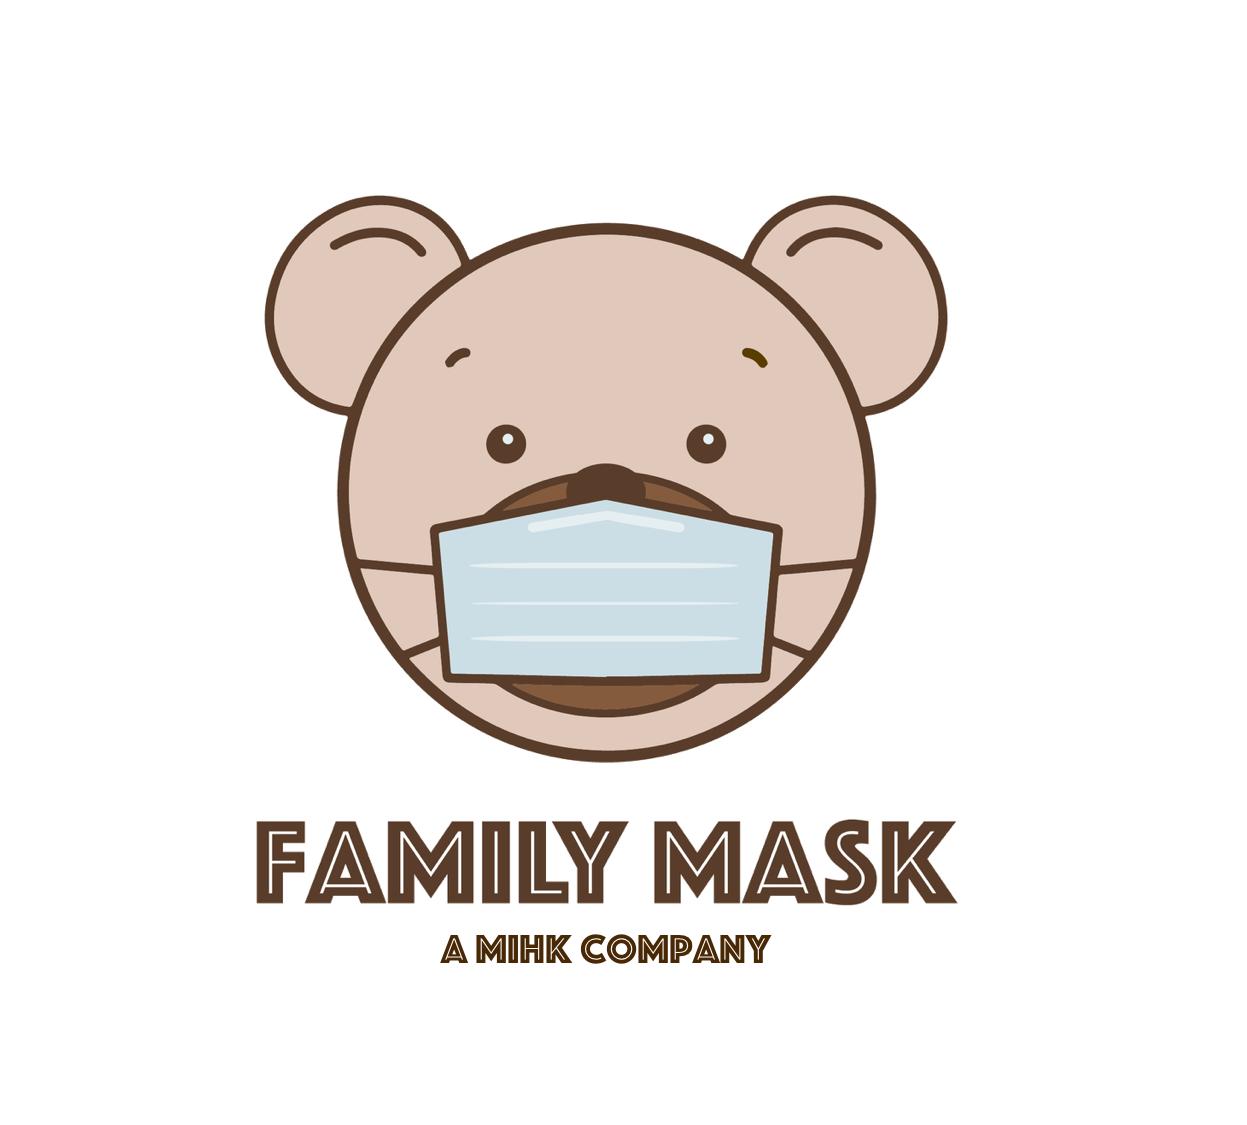 Family Mask